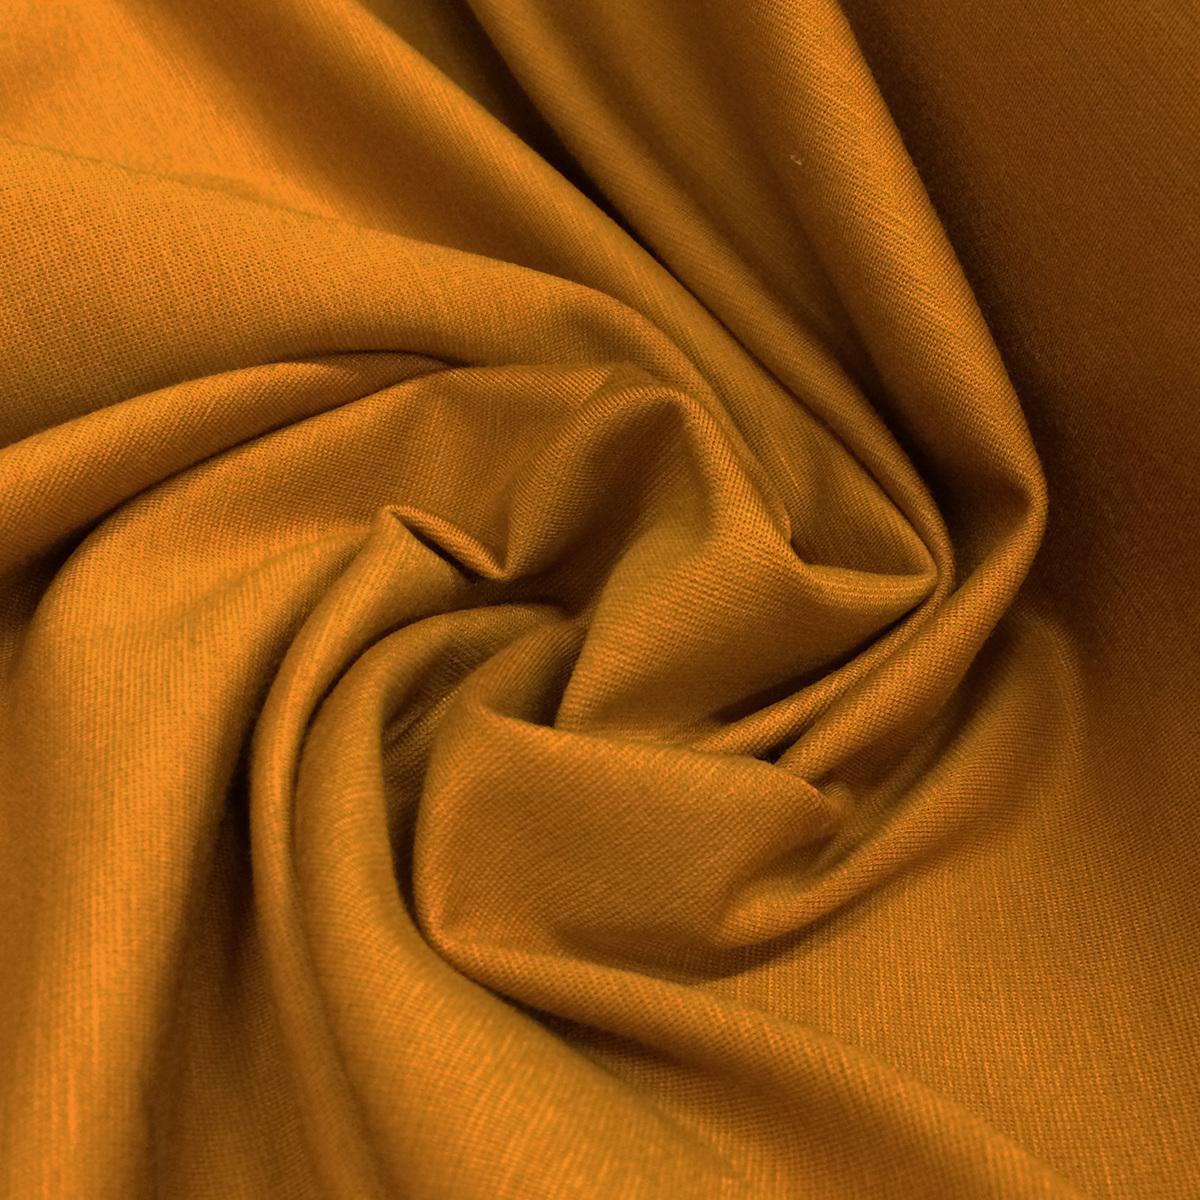 самому неаполитанский желтый цвет фото на ткани надобность была